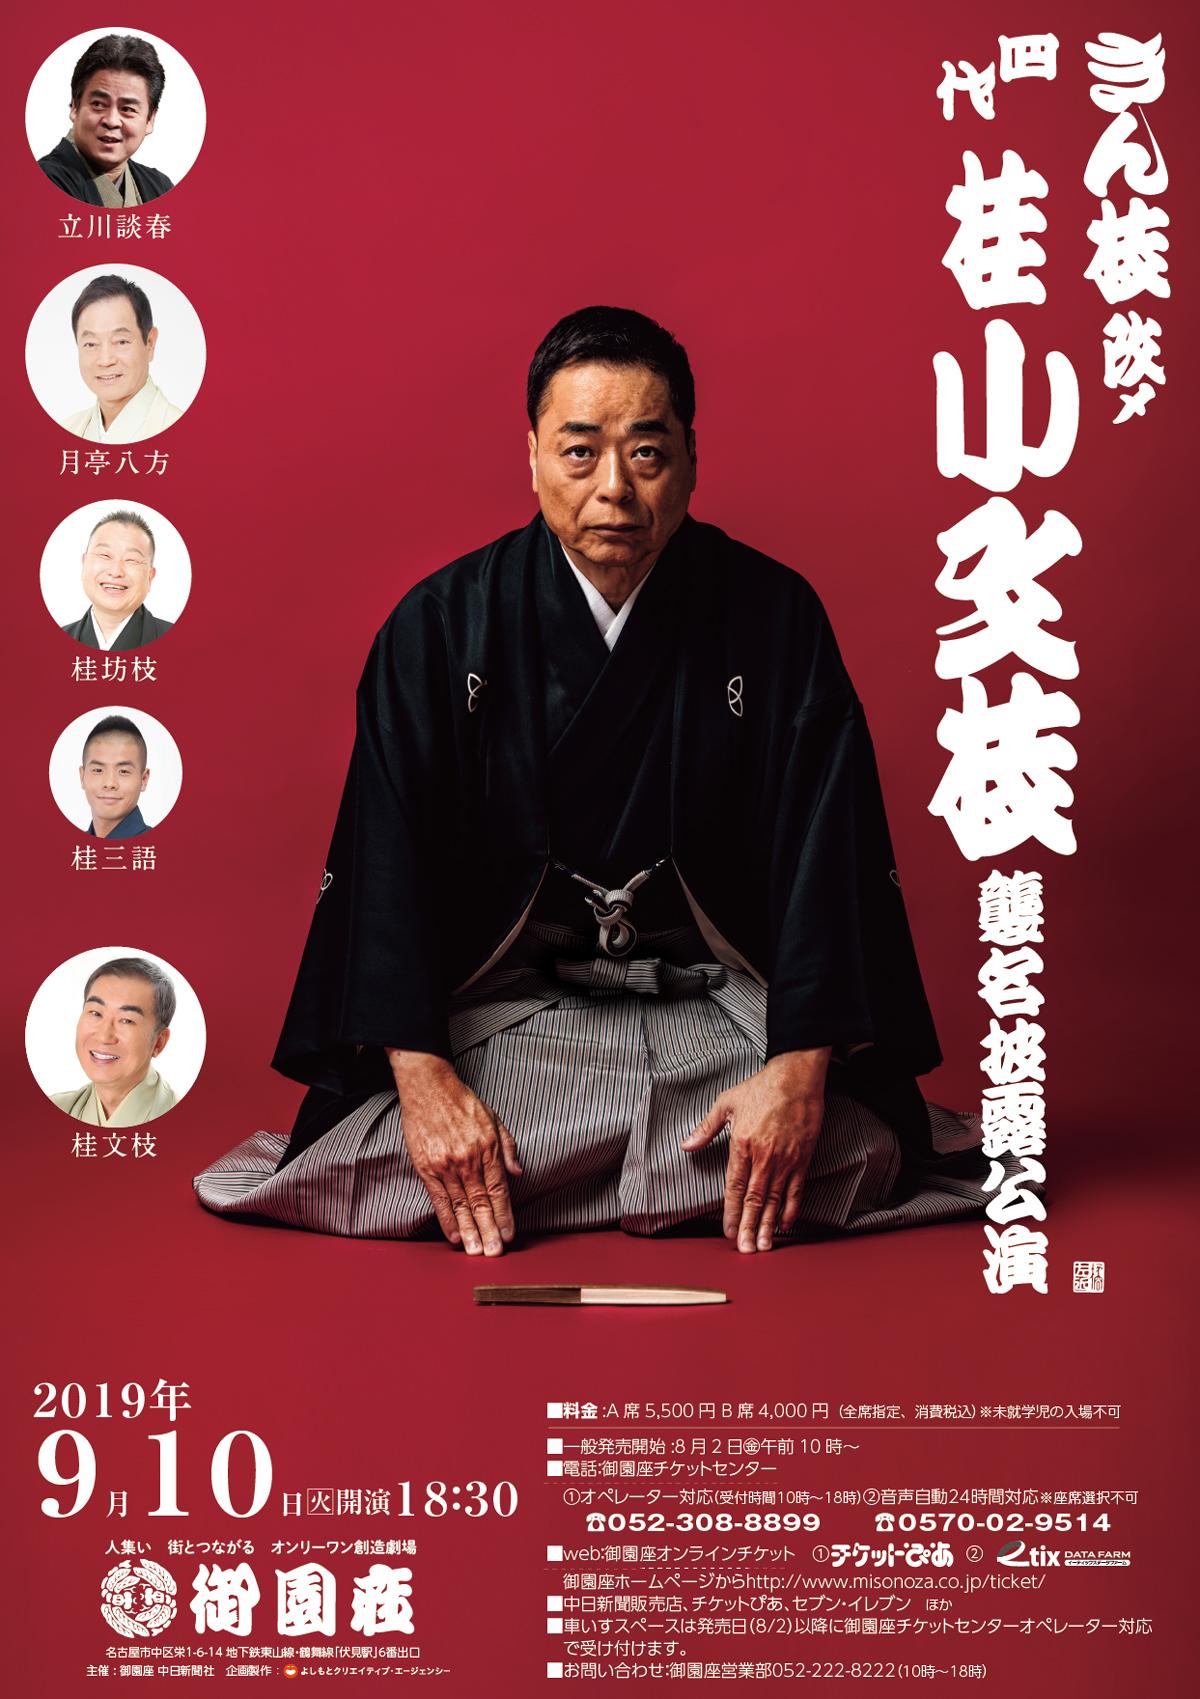 きん枝 改〆 四代 桂小文枝 襲名披露公演